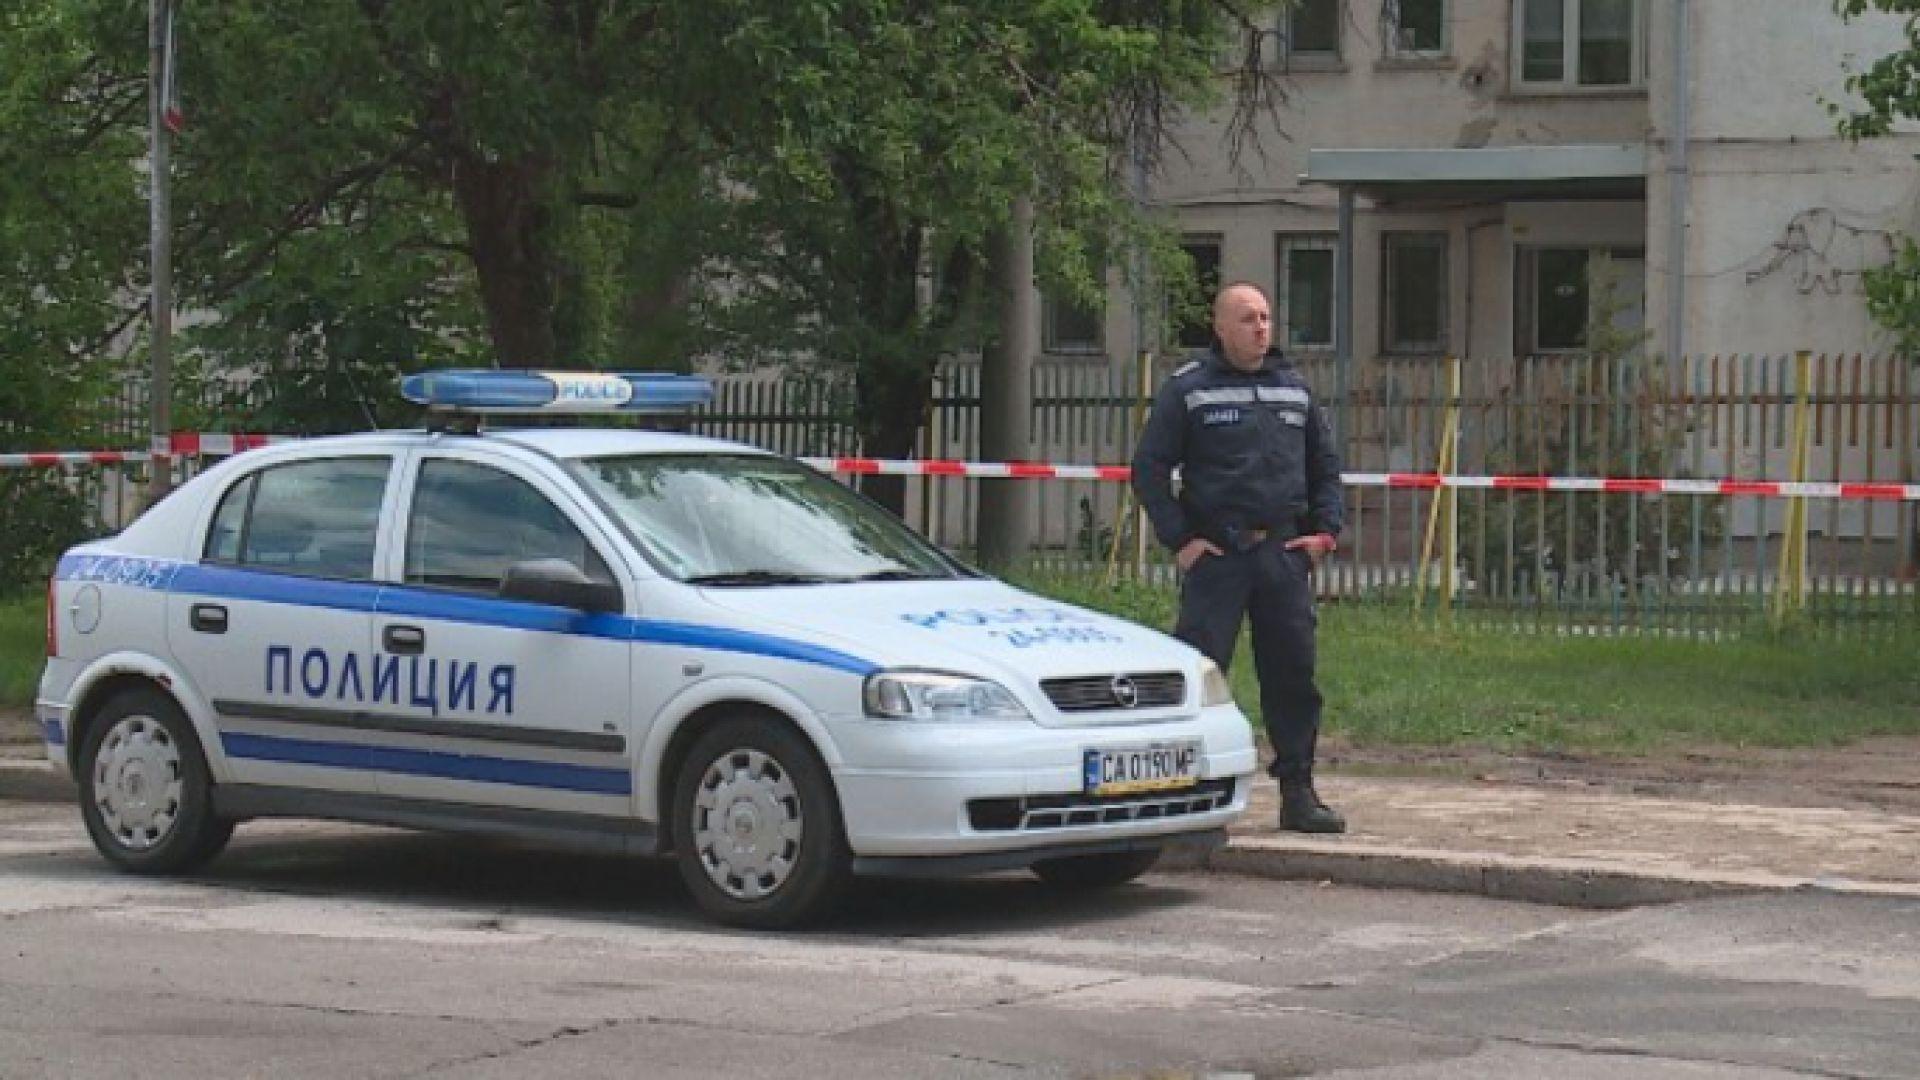 Полицията задържа 17-годишен за бомбената заплаха в столична детска градина